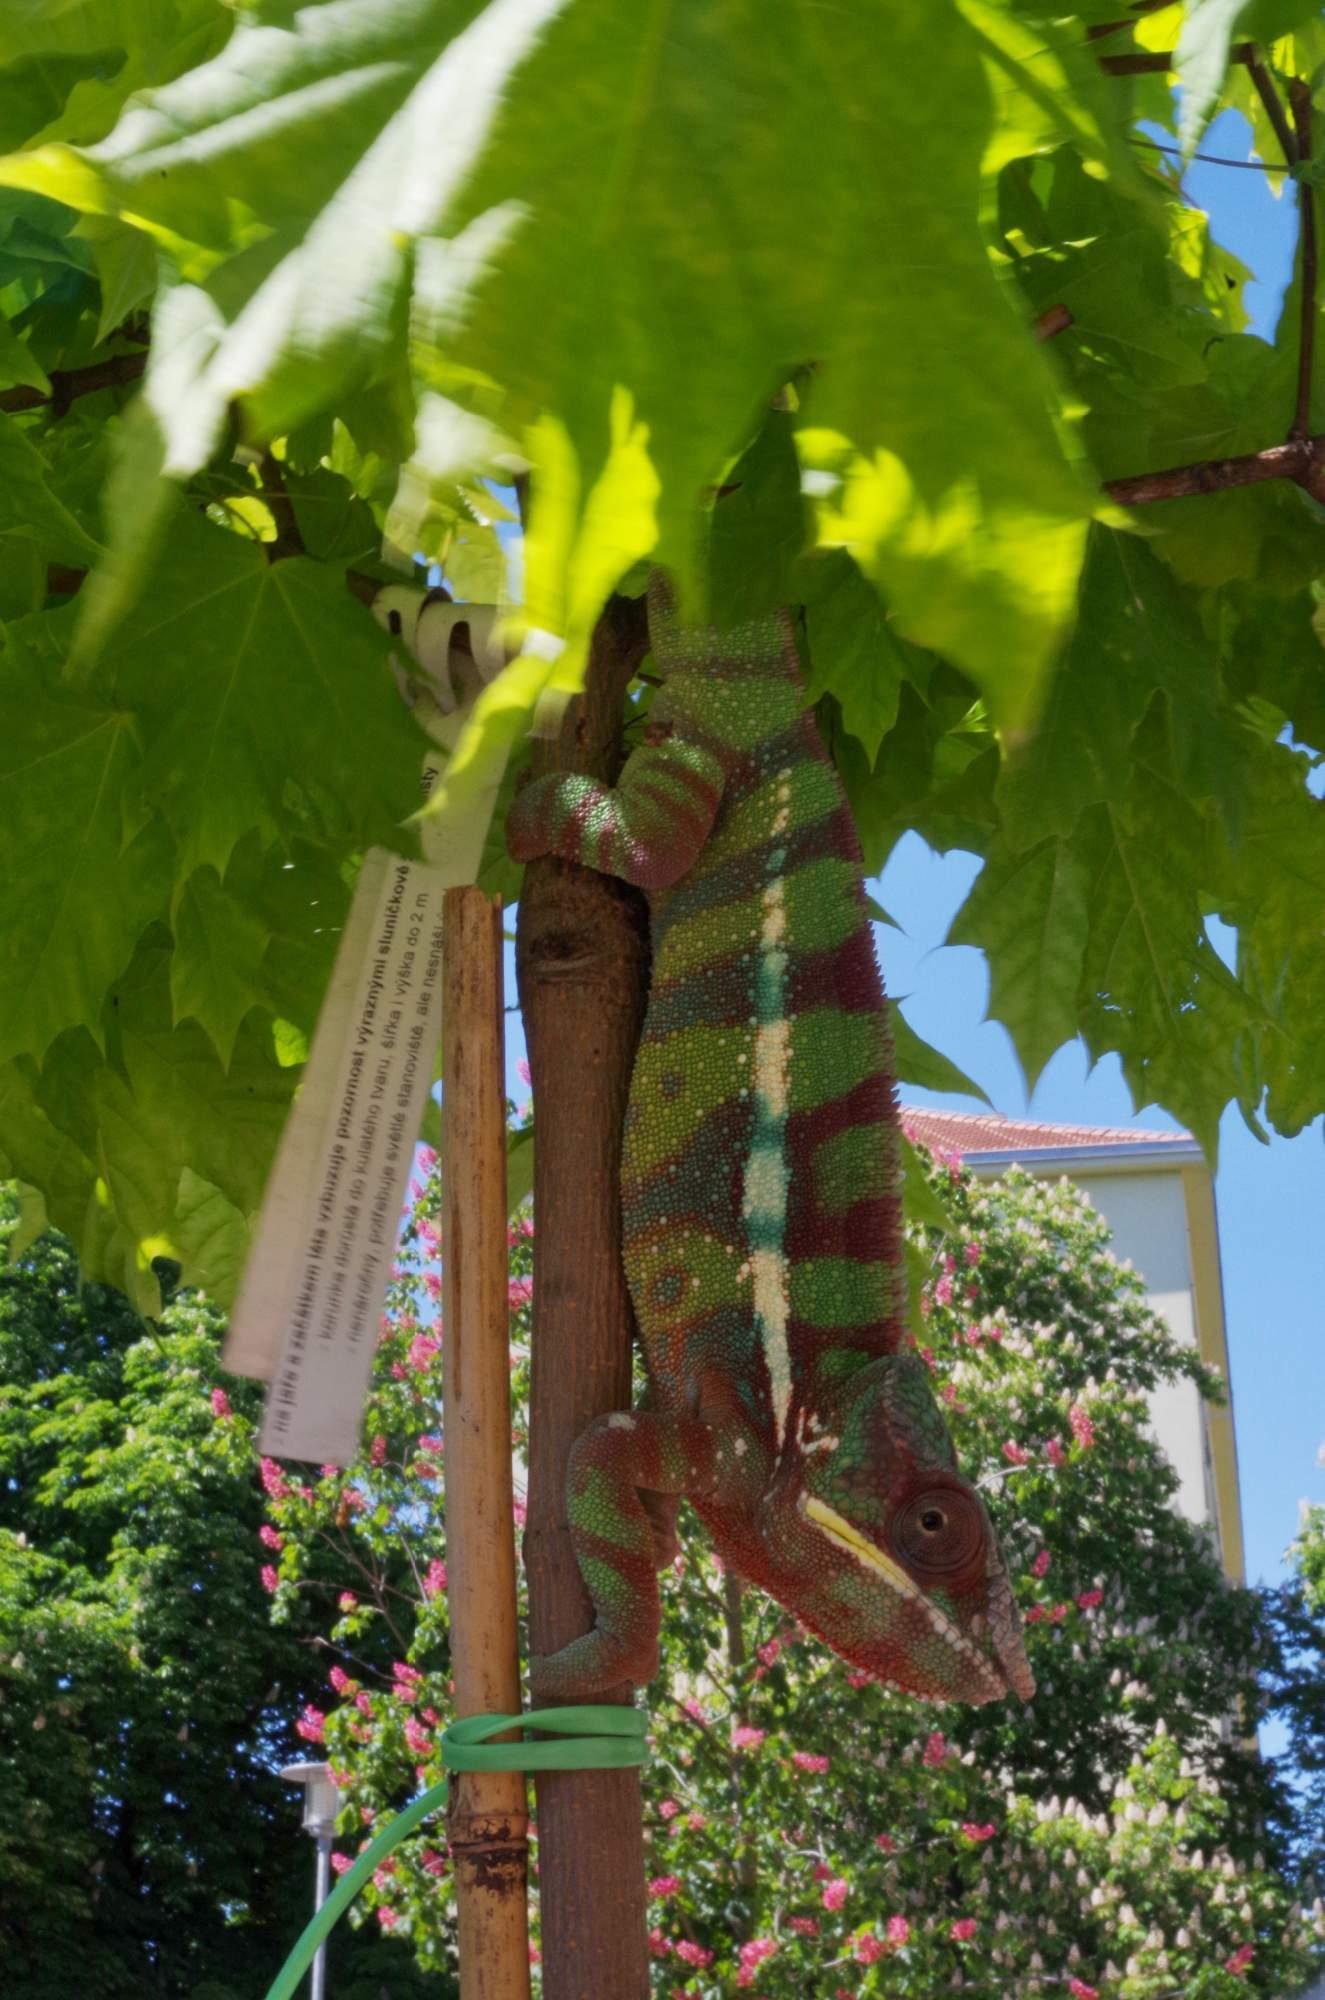 Chameleon pardálí se vystavoval na obdiv. Foto: Eliška Pospíšilová